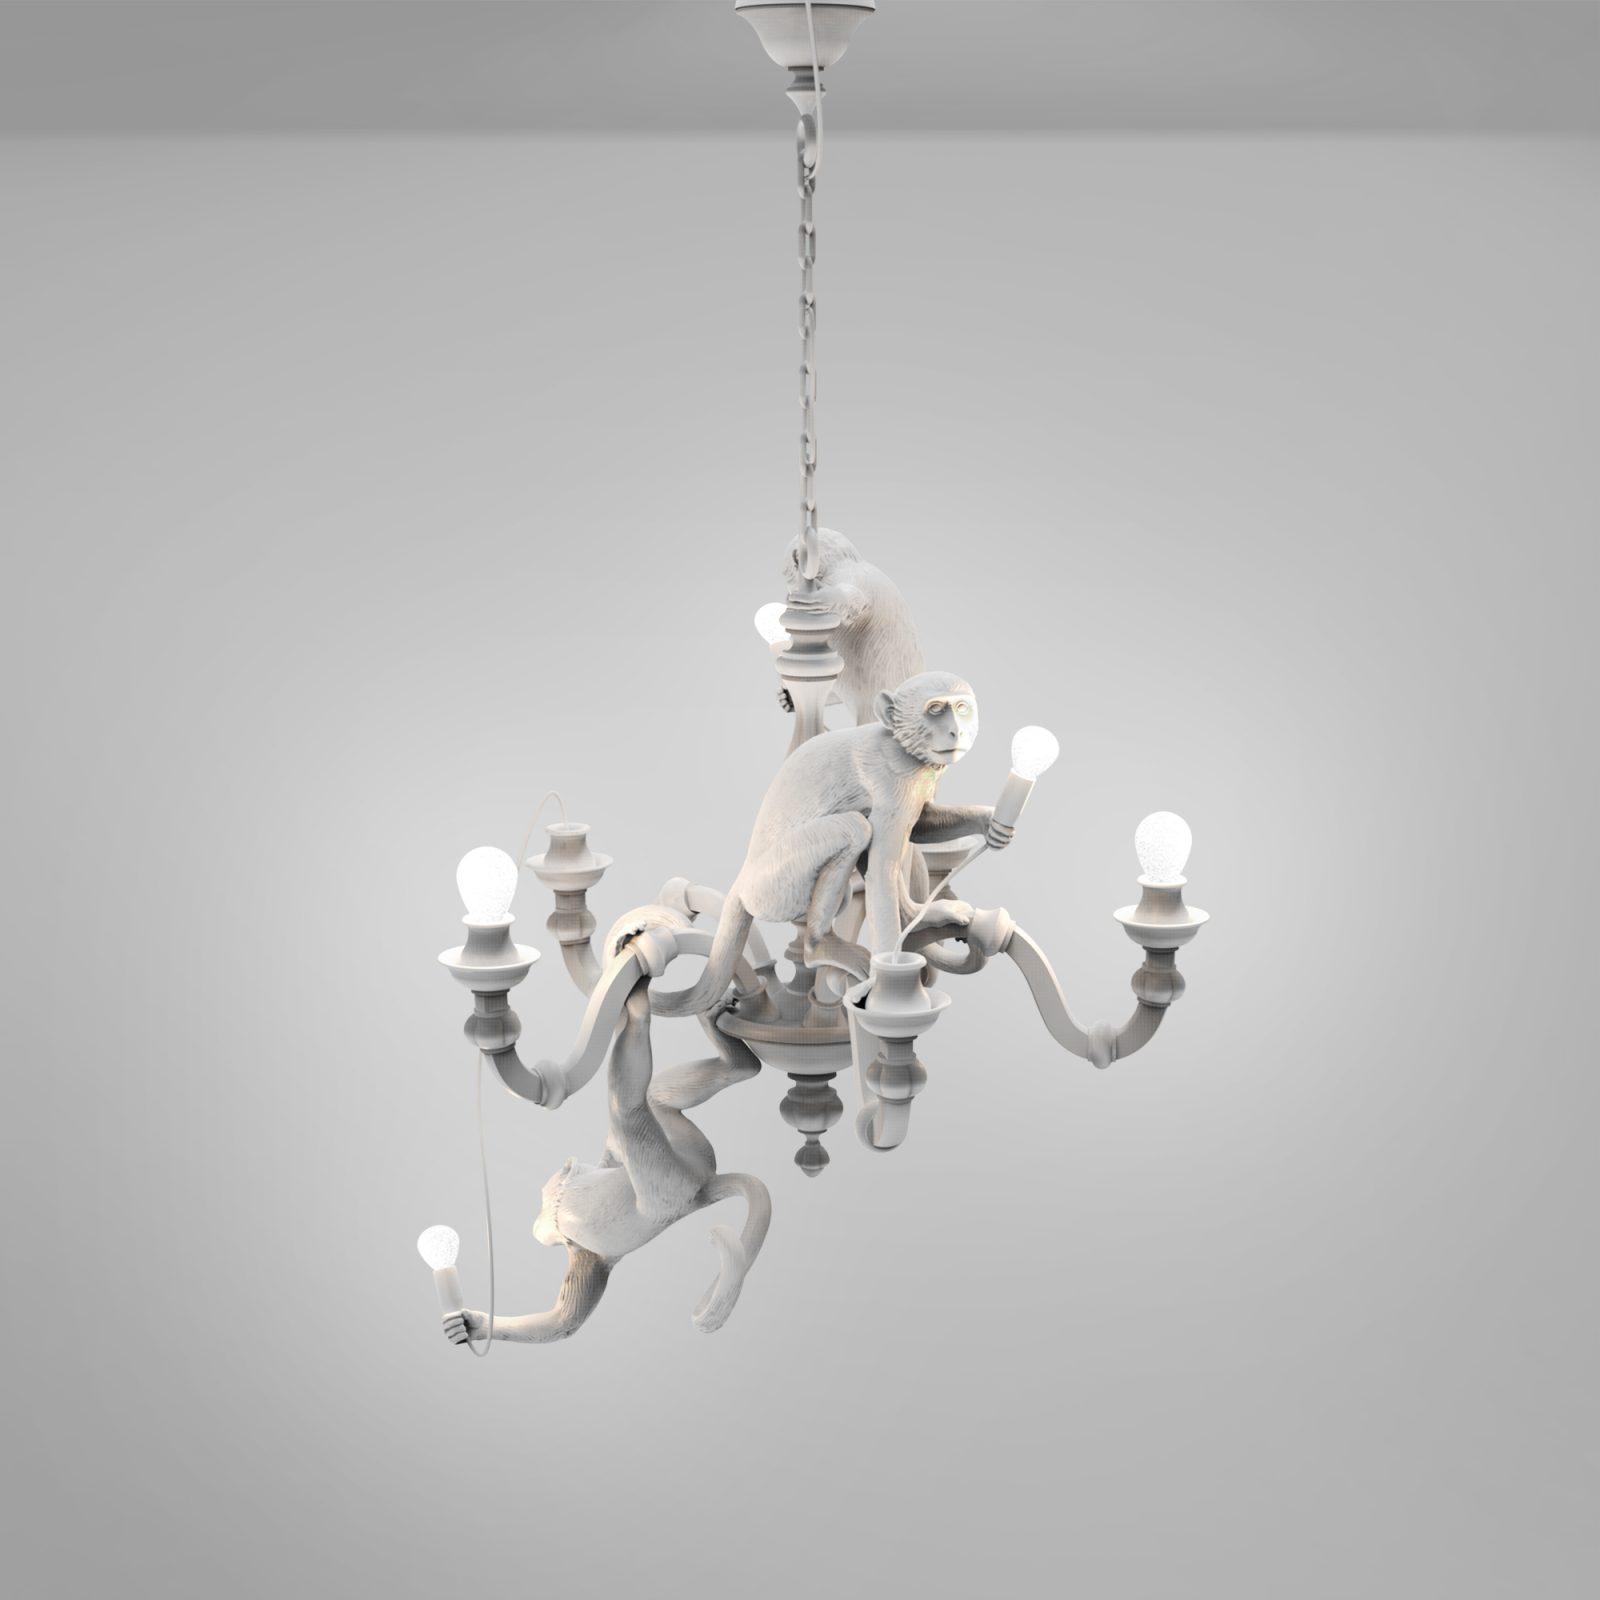 seletti-monkey-chandelier-white-6